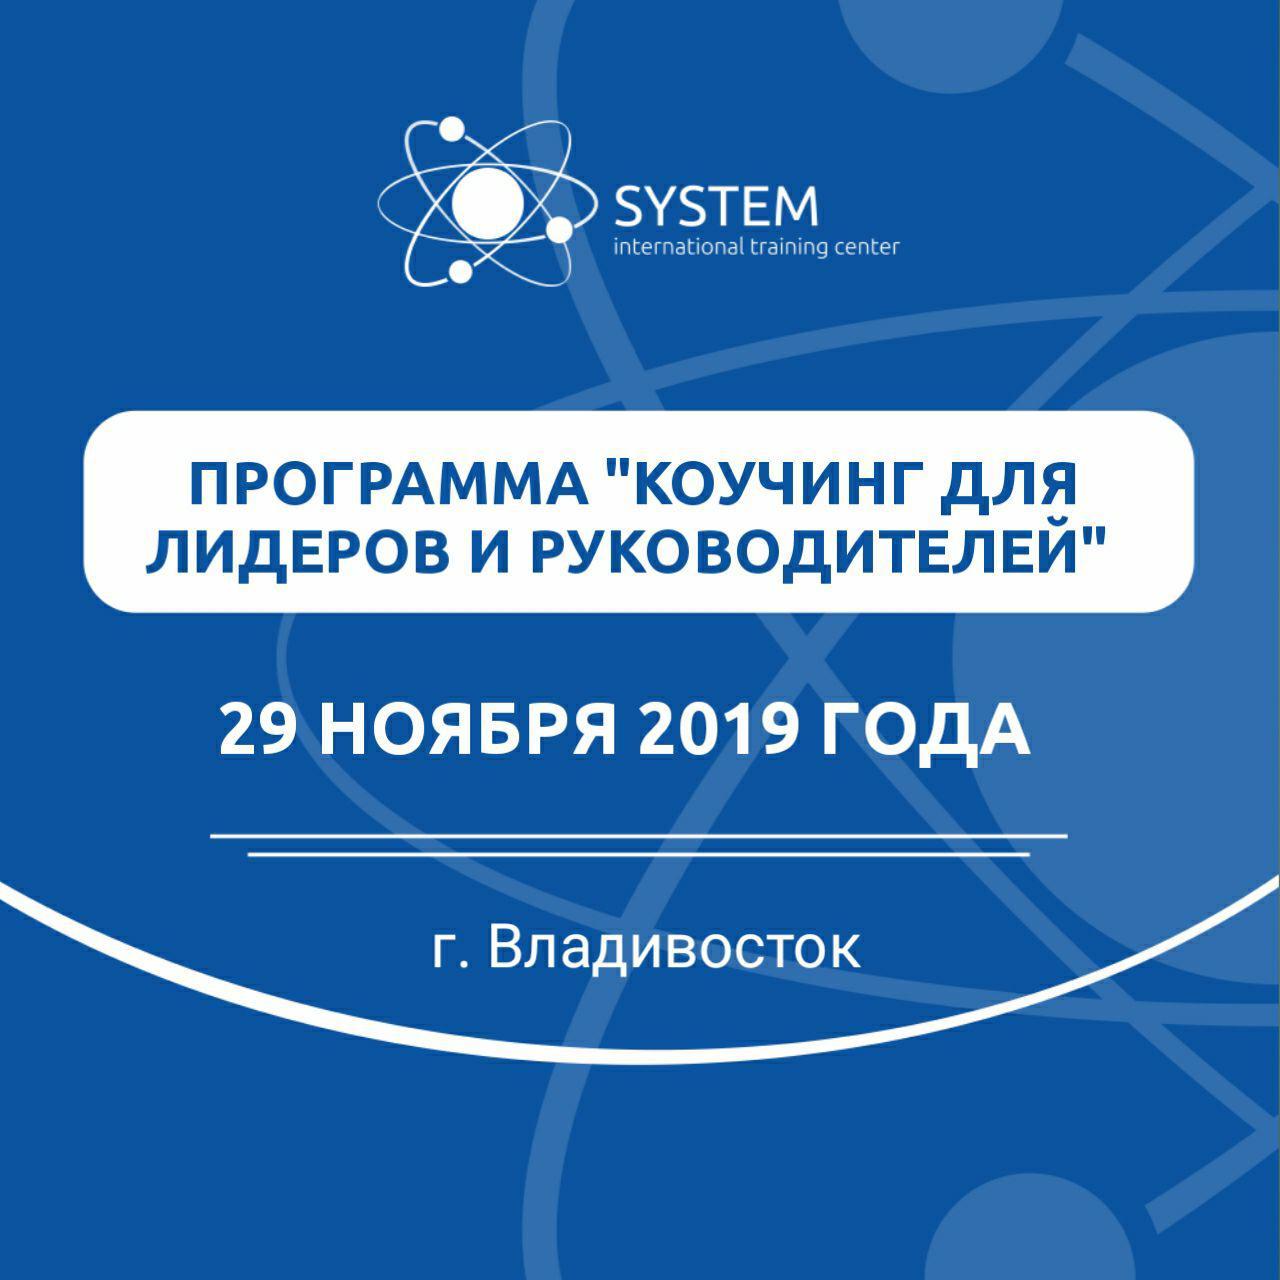 """Программа """"Коучинг для лидеров и руководителей"""" @ Владивосток, ул. Жигура, 26а, БЦ «Seven», ауд. 2-7, зал «System ITC»"""